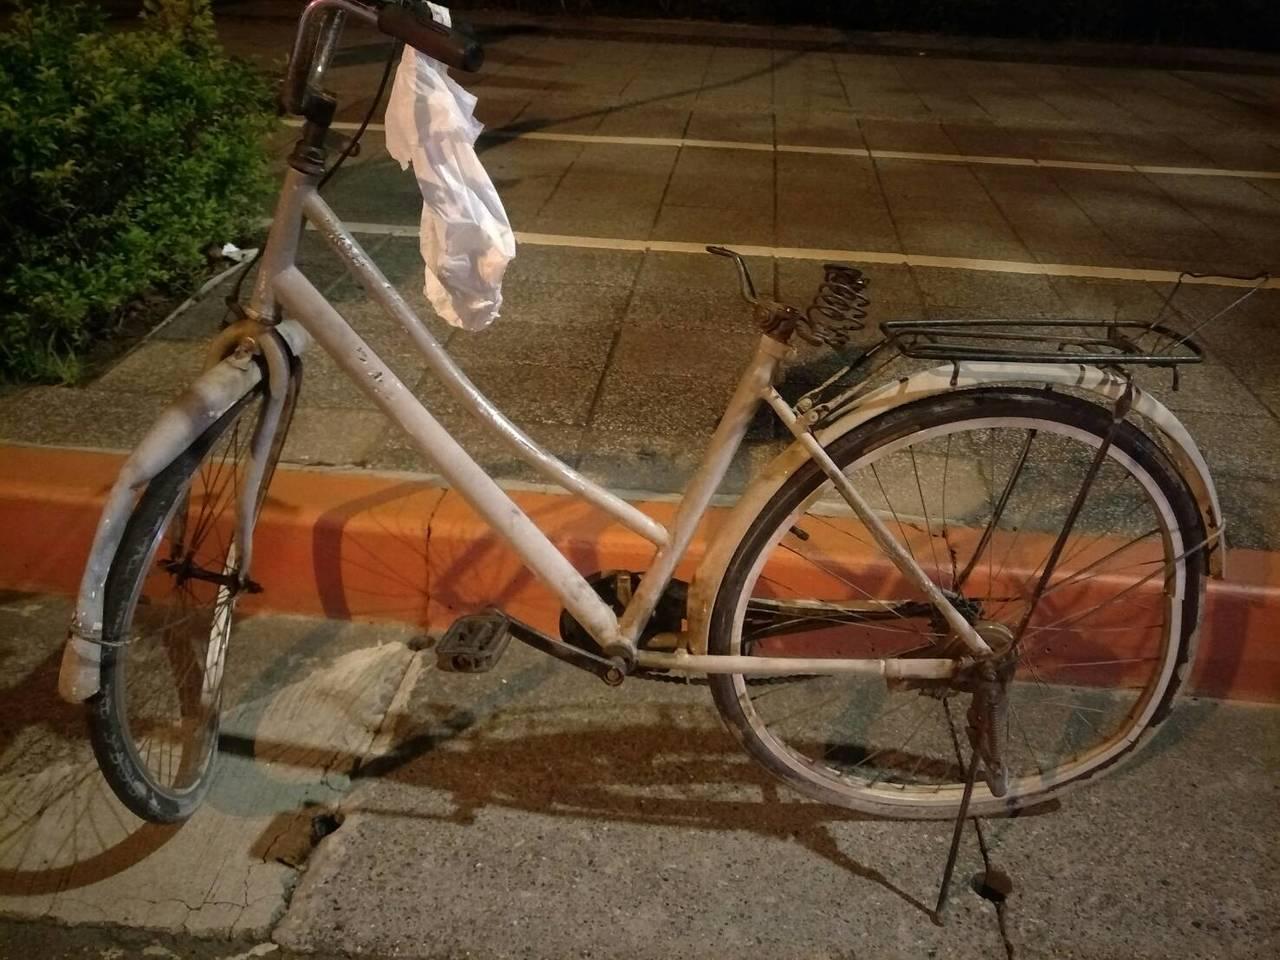 李姓男子是菜市場早市員工,今天凌晨1時許要開車到台北市上班,撞上騎腳踏車的男子。...